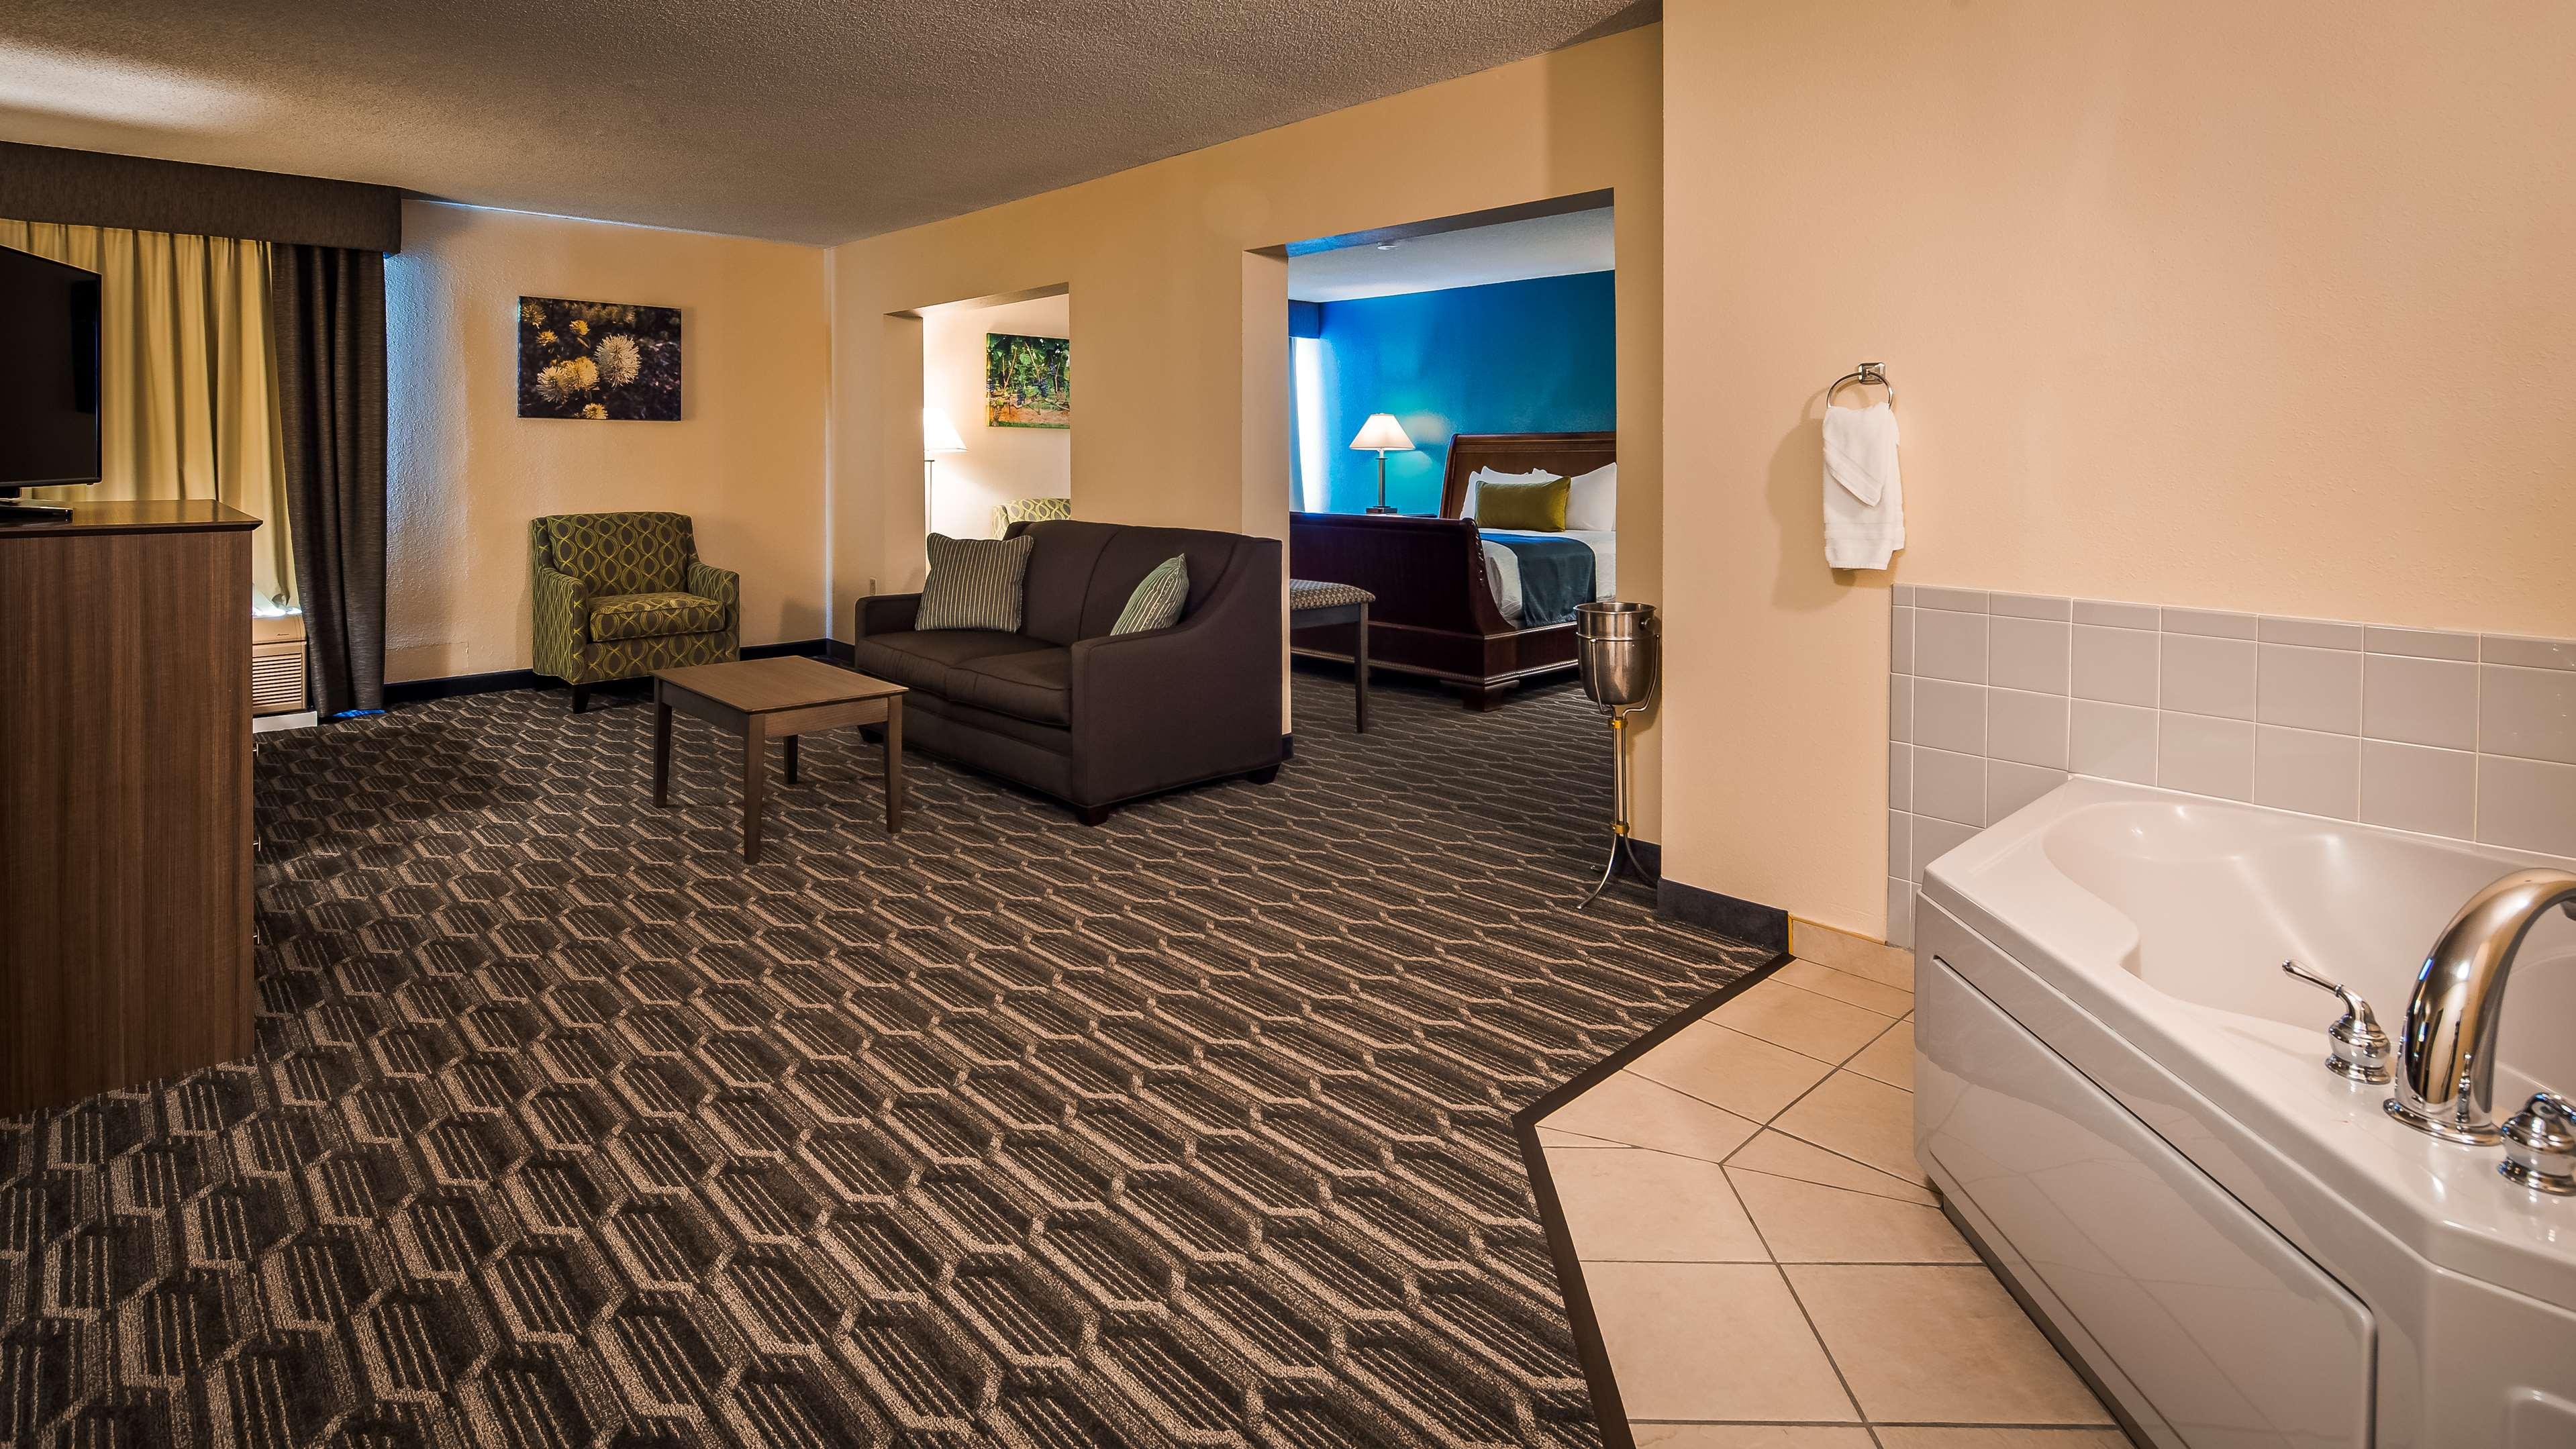 Best Western Plus Yadkin Valley Inn & Suites image 15